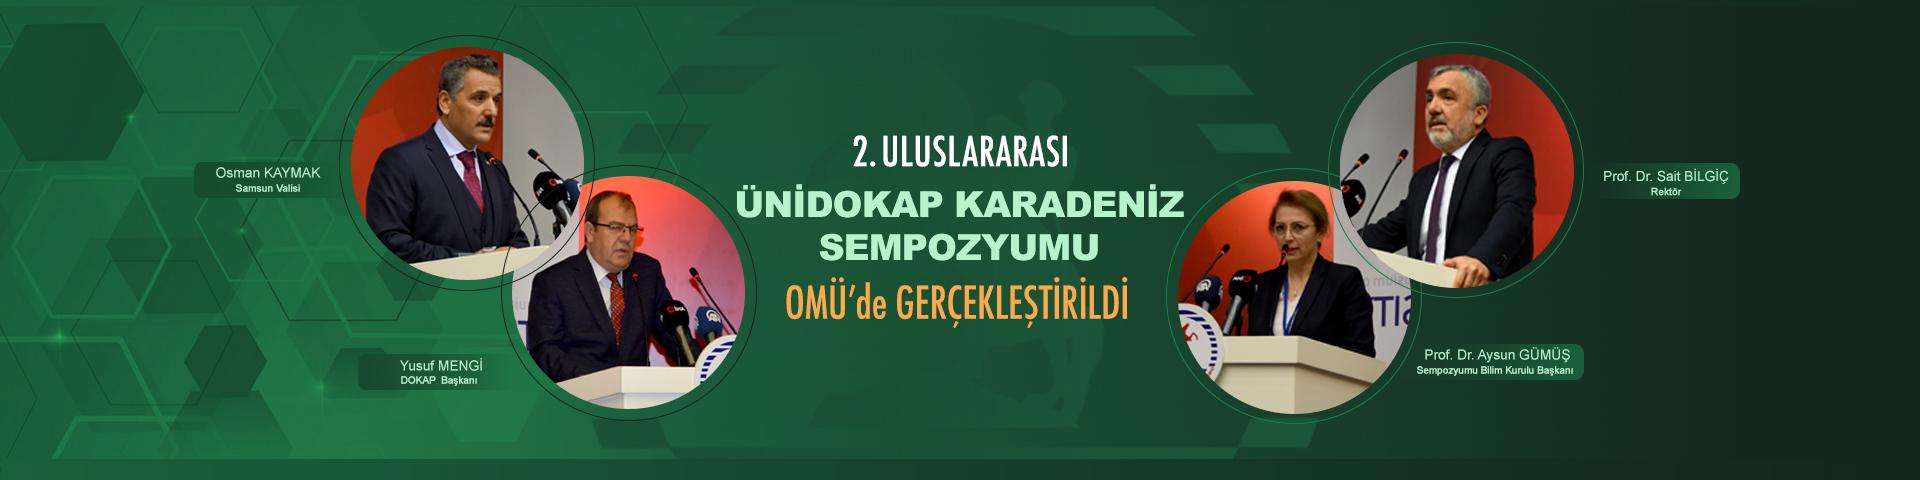 2. Uluslararası ÜNİ-DOKAP Karadeniz Sempozyumu OMÜ'nün Ev Sahipliğinde Başladı